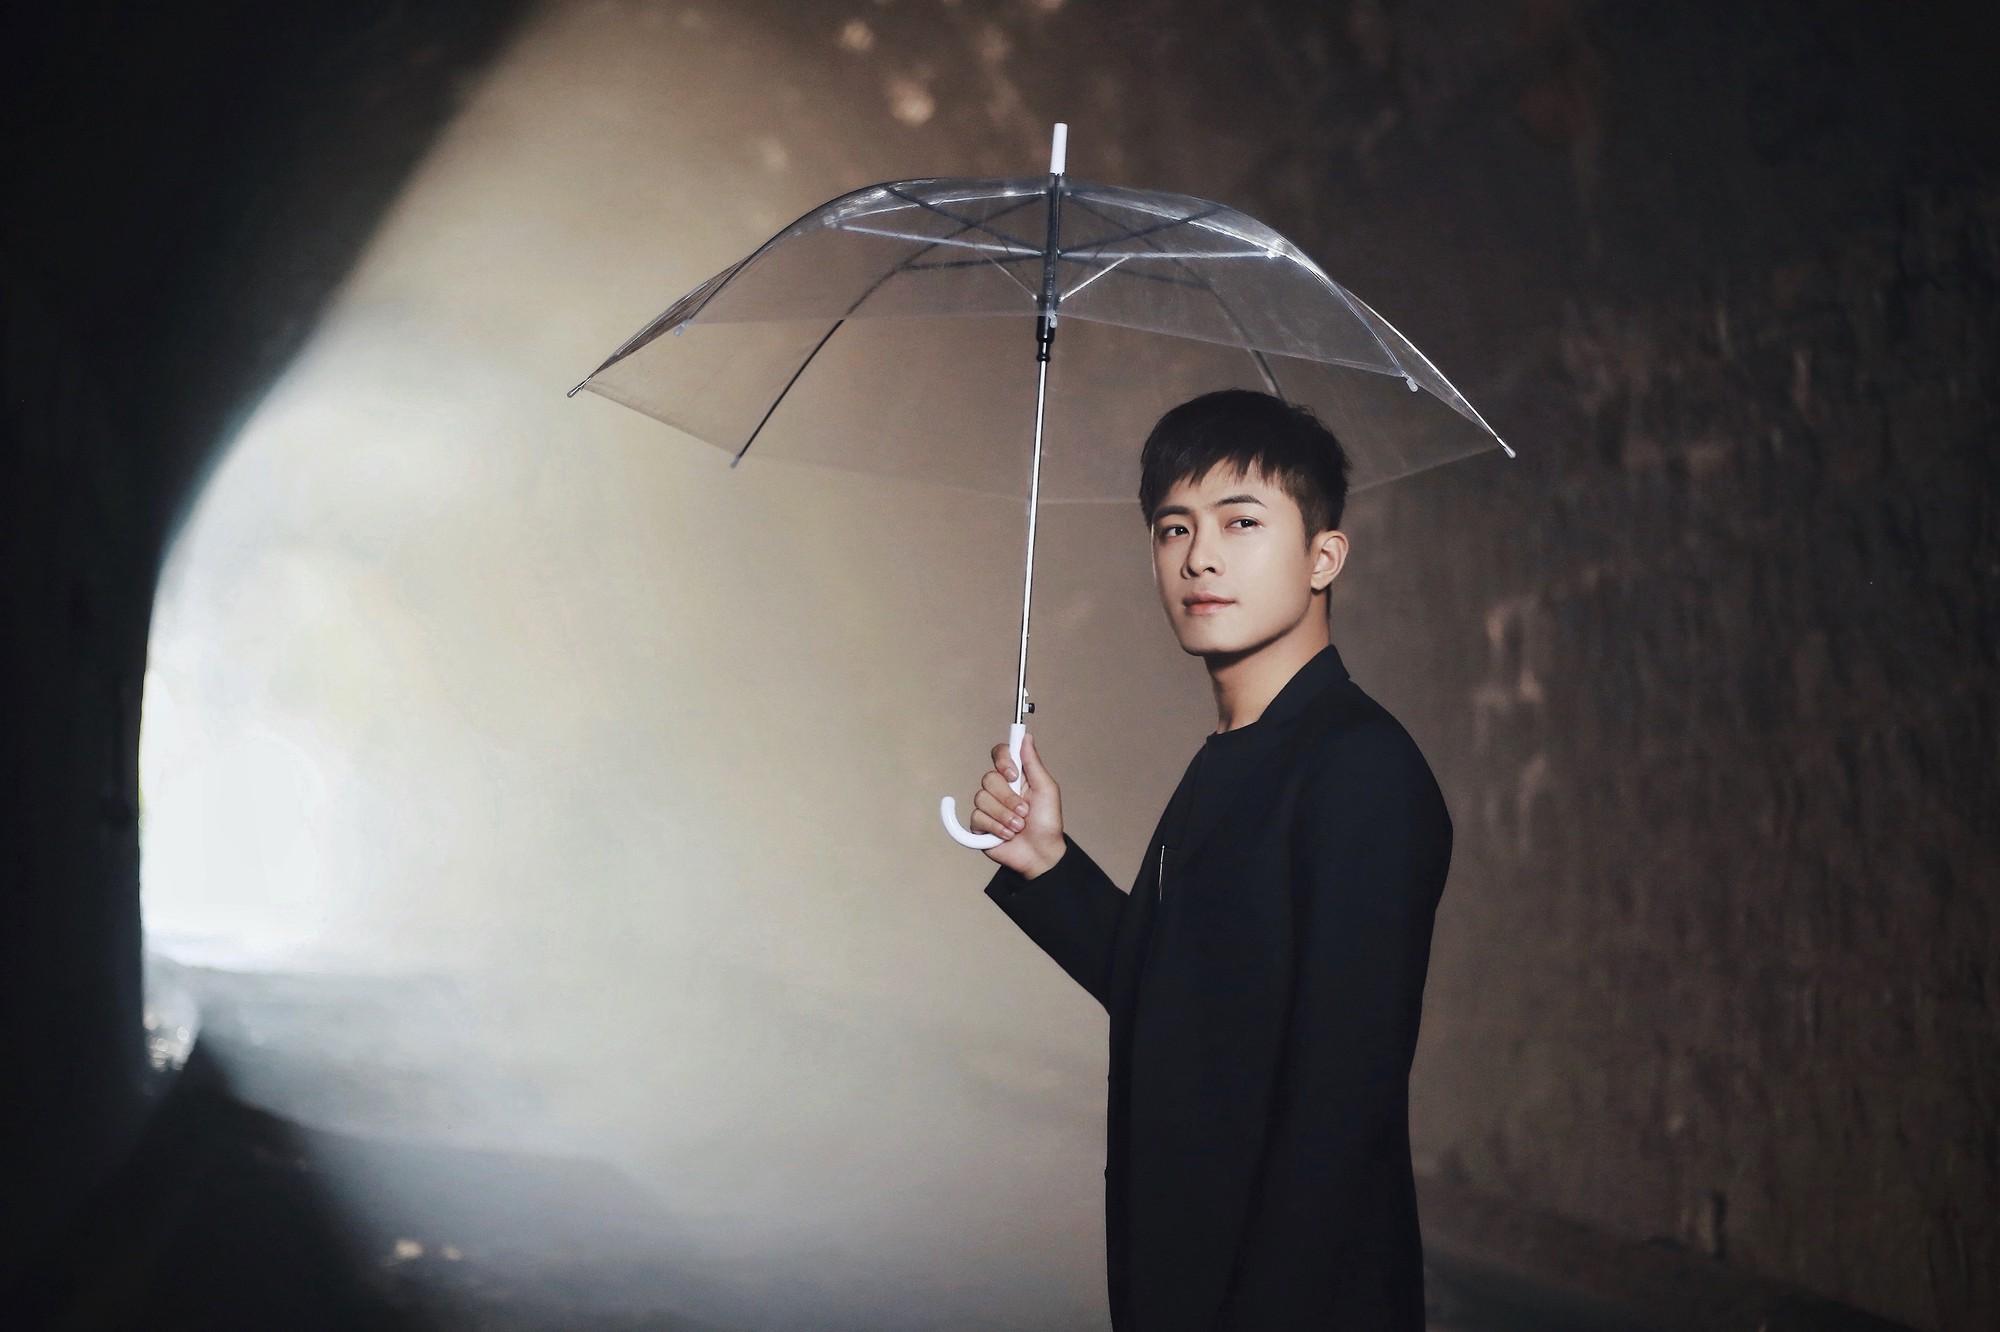 Gin Tuấn Kiệt hợp tác cùng hotgirl ảnh thẻ Lan Hương tung MV đầy nước mắt về tuổi thanh xuân - Ảnh 3.